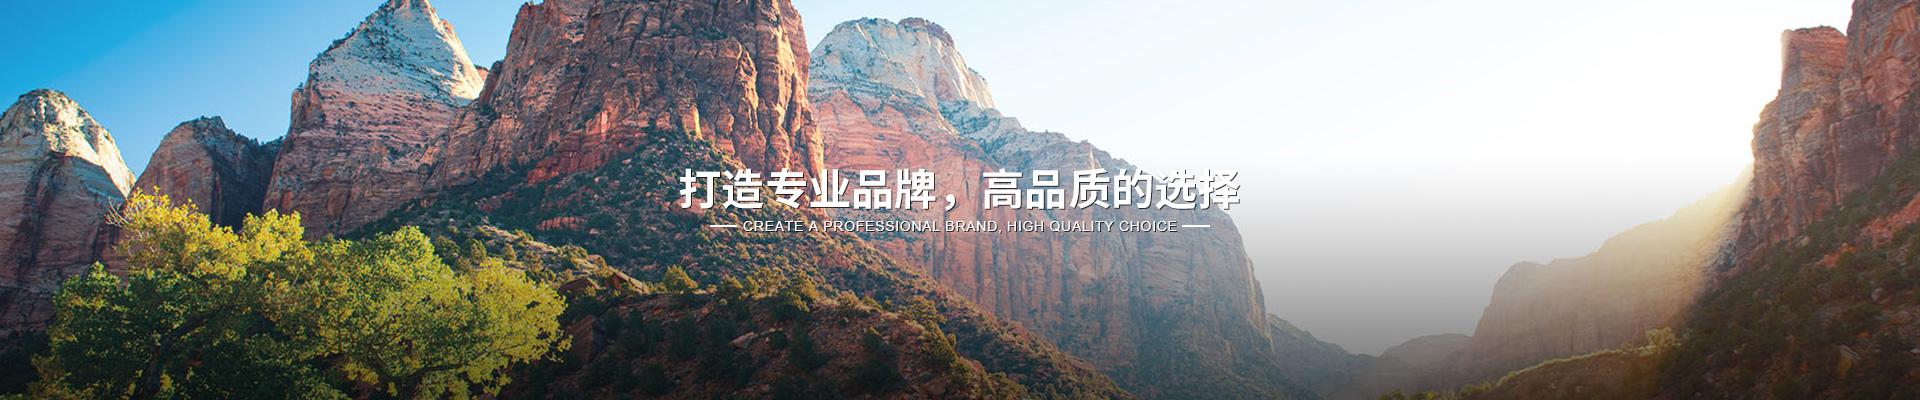 杨浦区技术环保板材欢迎咨询,环保板材